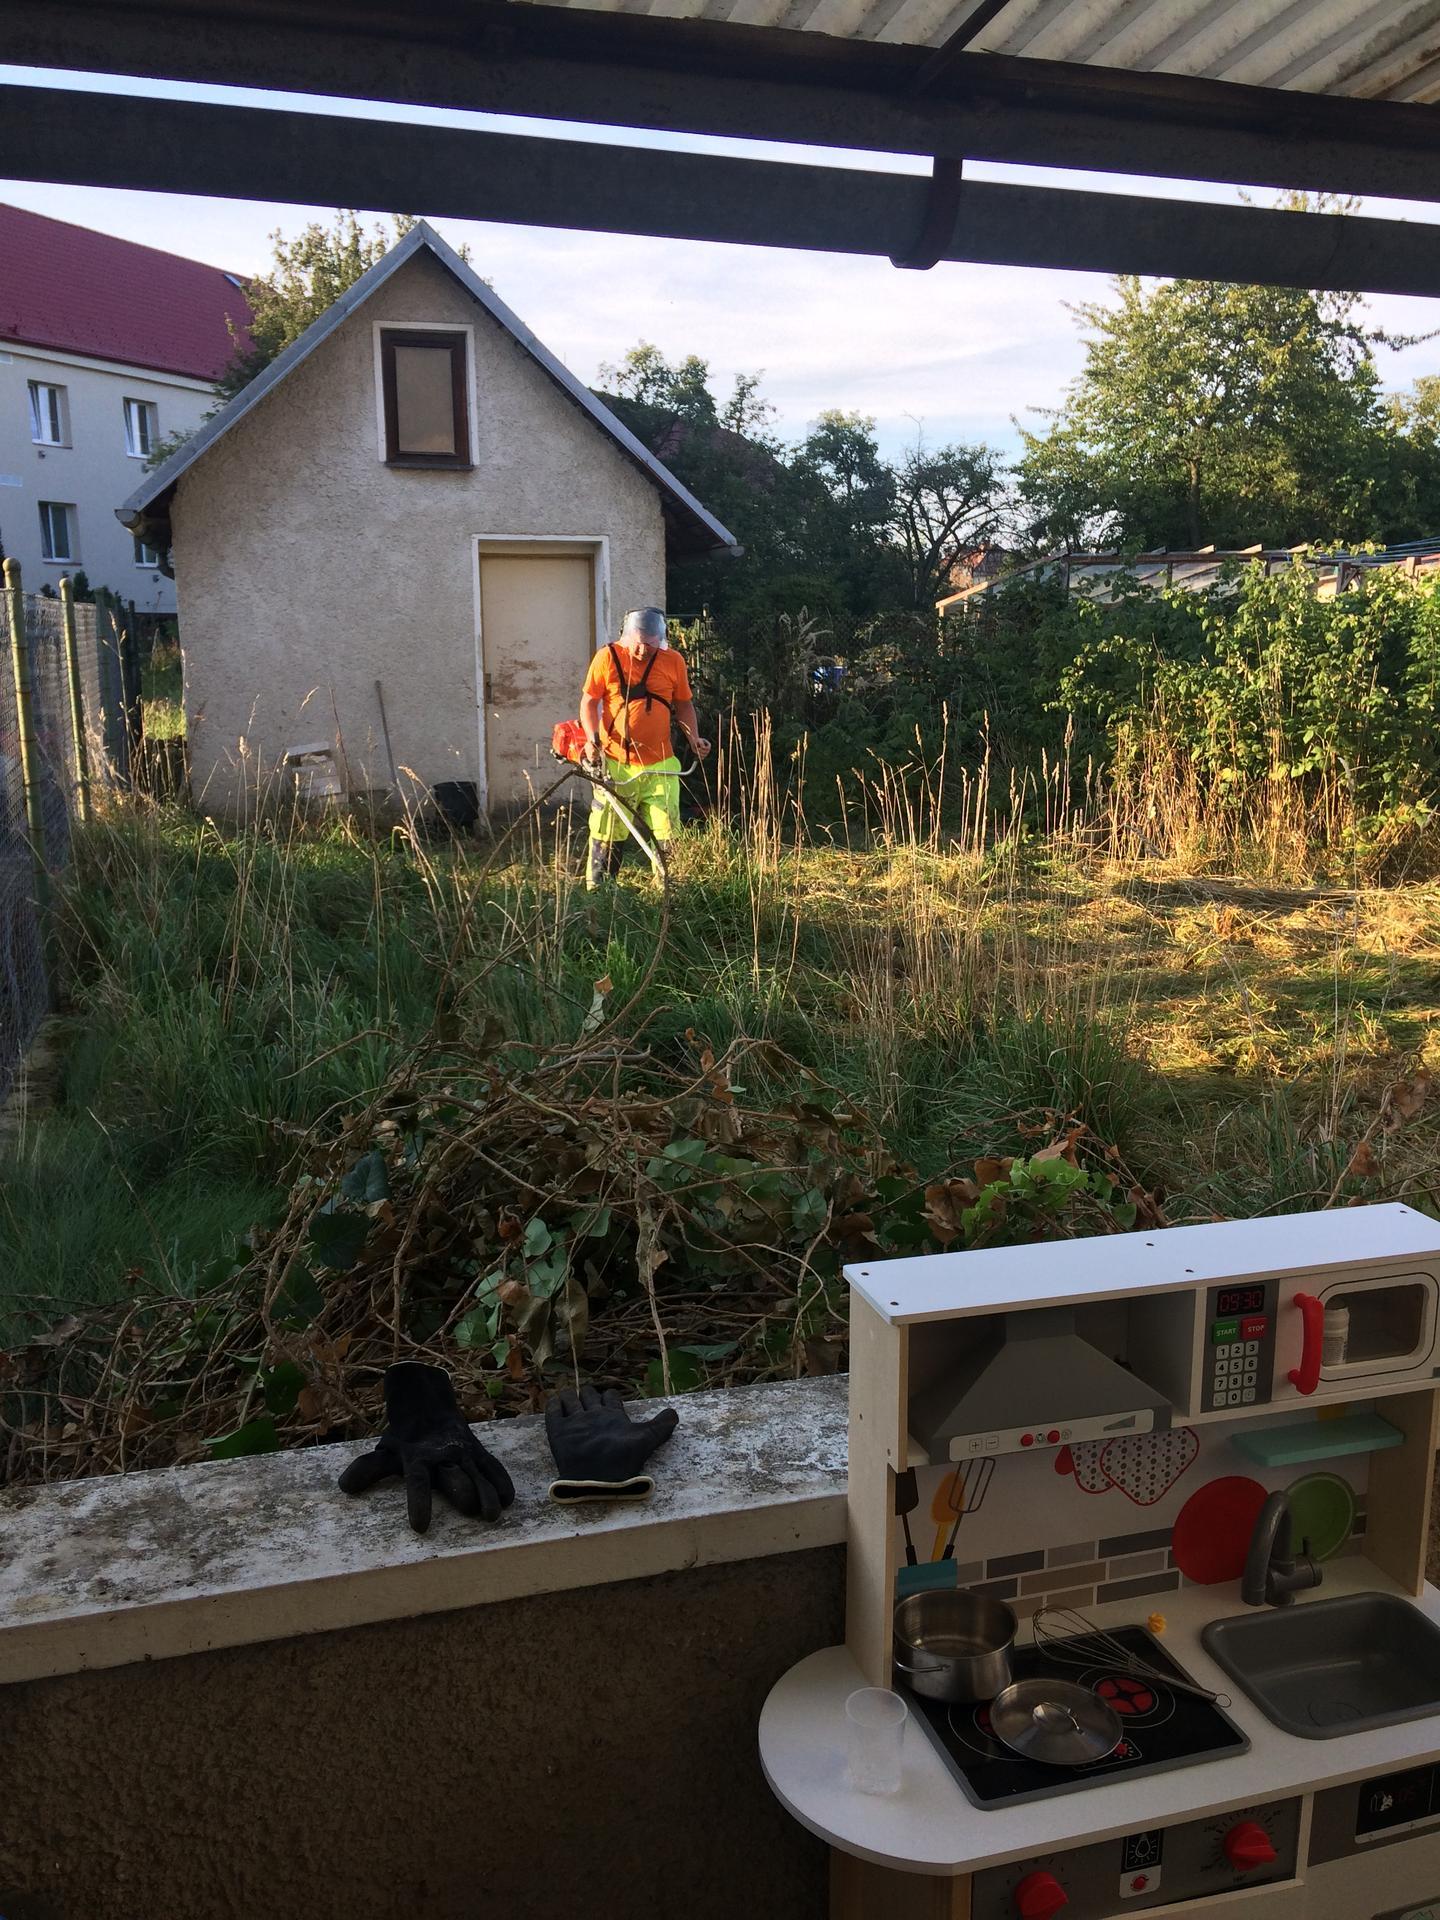 Náš sen bydlení ve vlastním 🏡🍀 - 5 let zanedbávaná zahrada, pořádně jsme si mákli 🙂